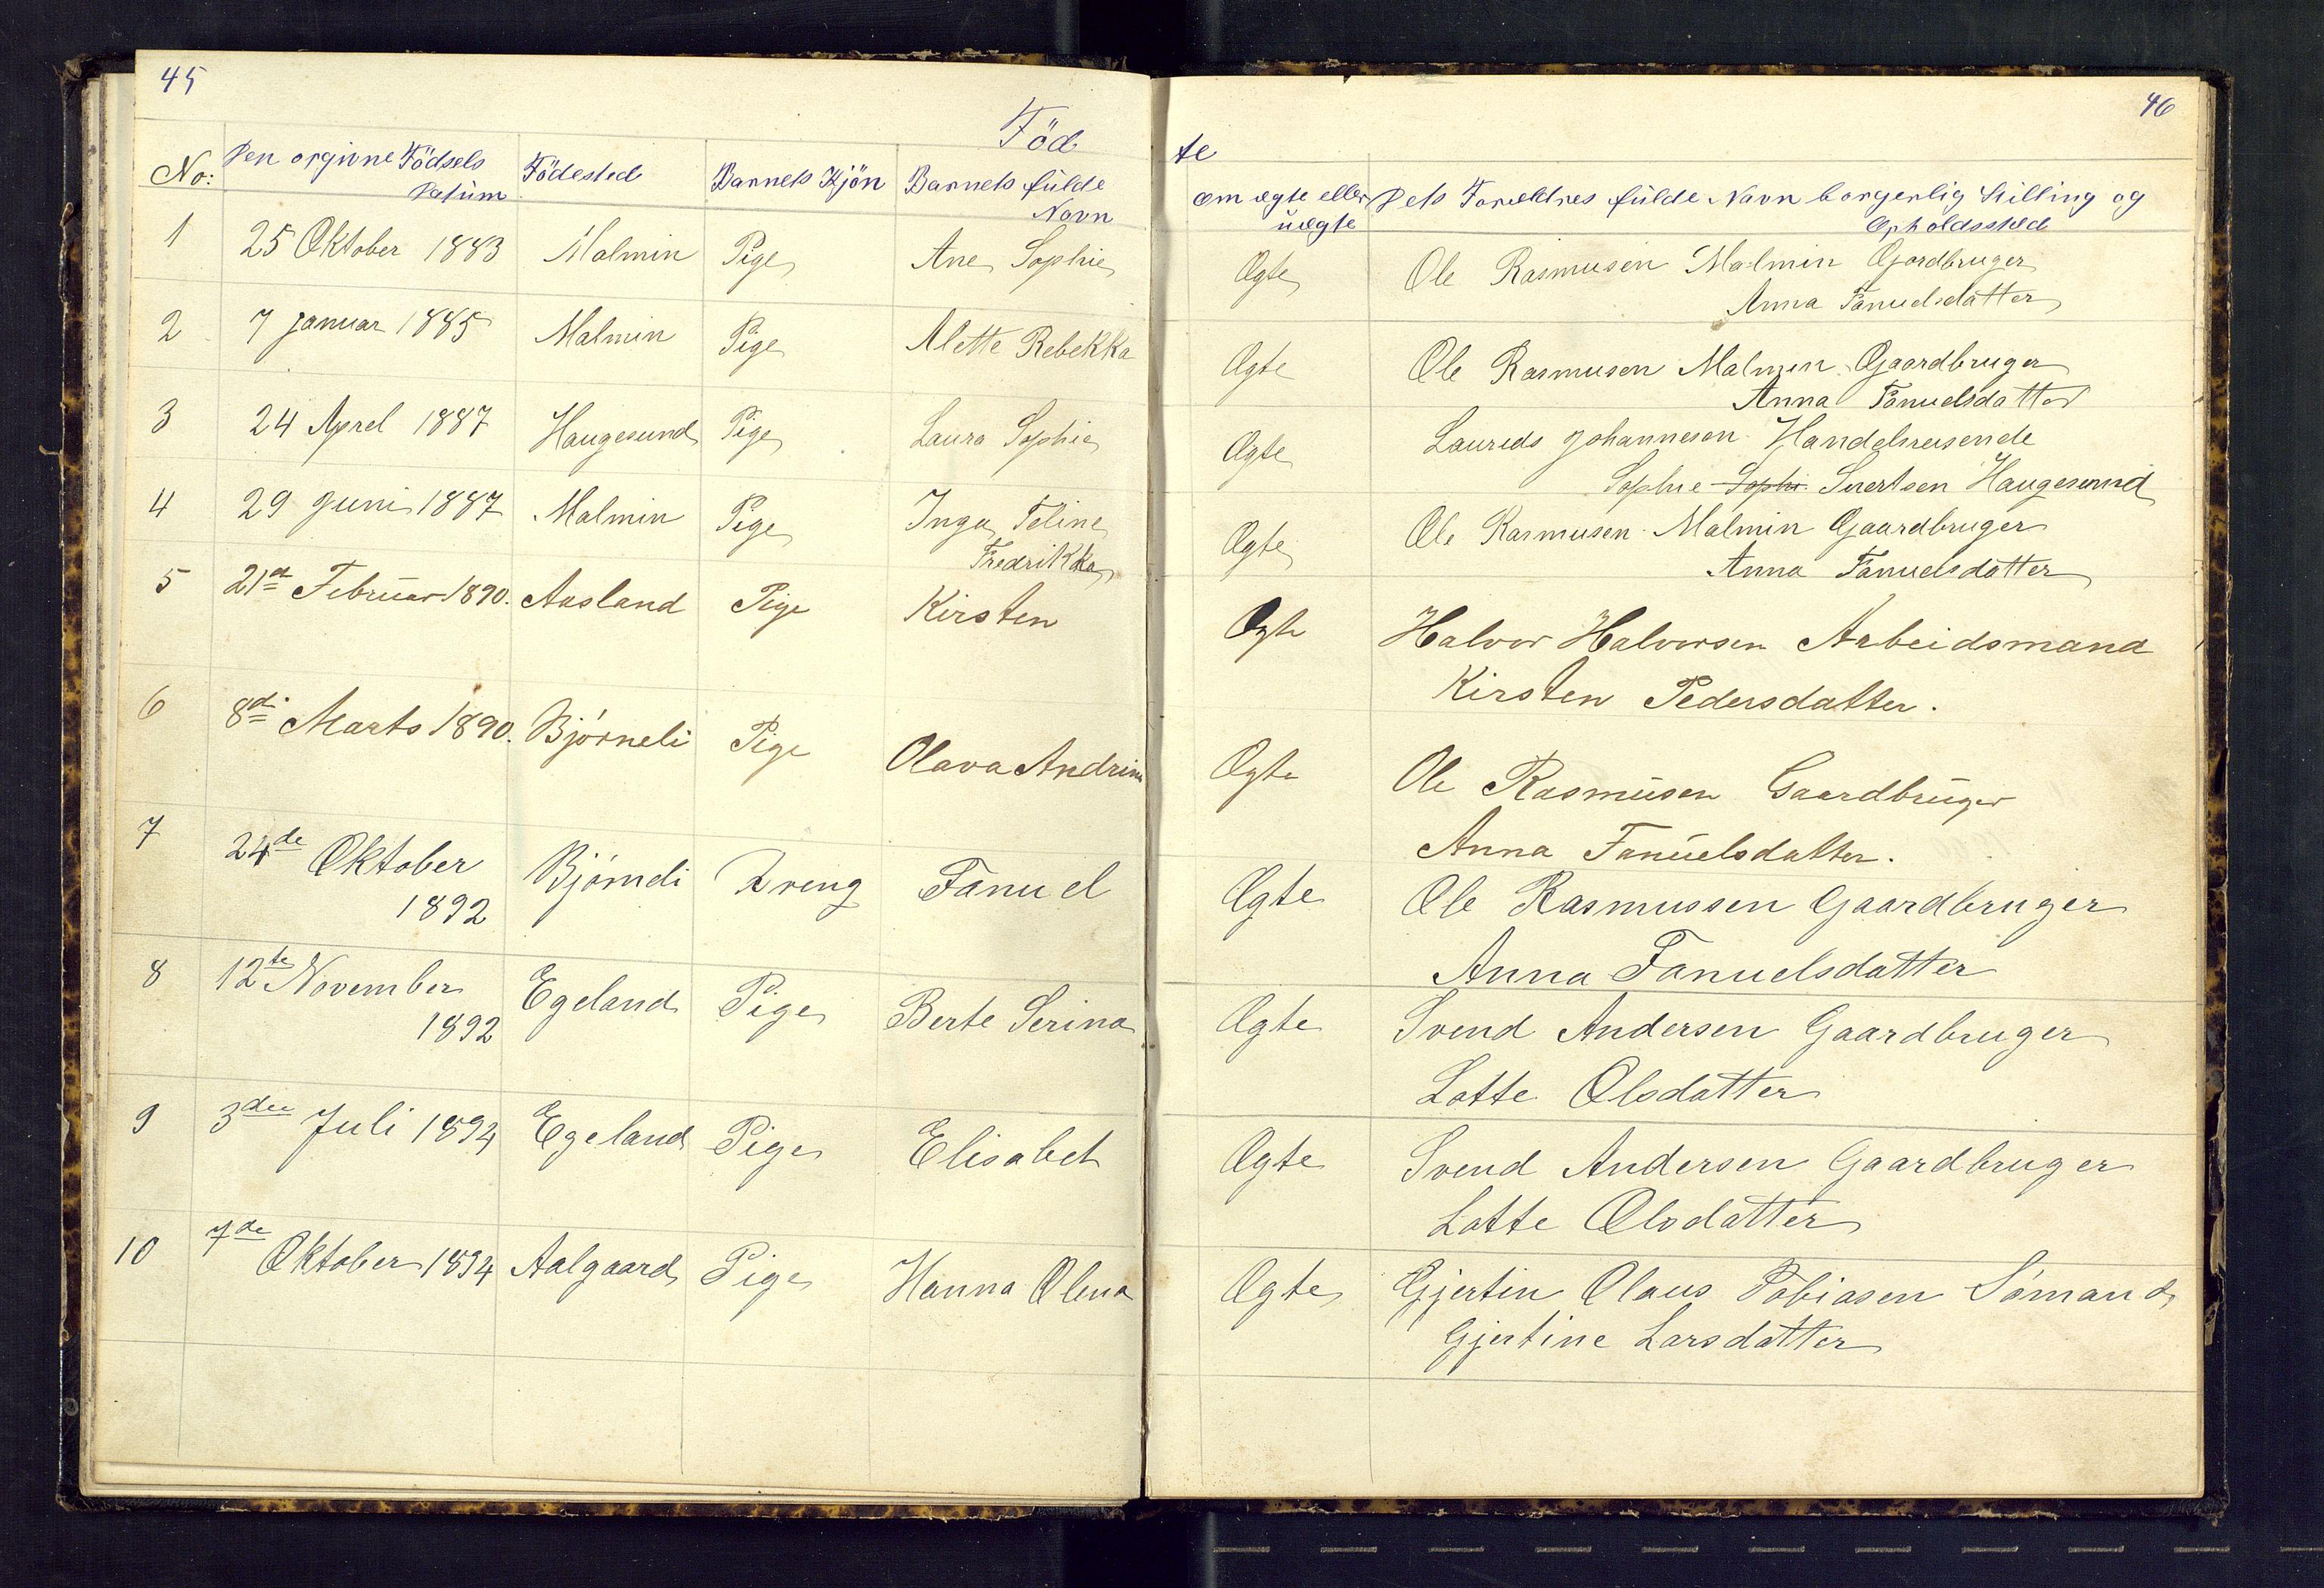 SAST, Den evangeliske lutherske frimenighet (SAS), Dissenterprotokoll nr. 1, 1881-1912, s. 45-46